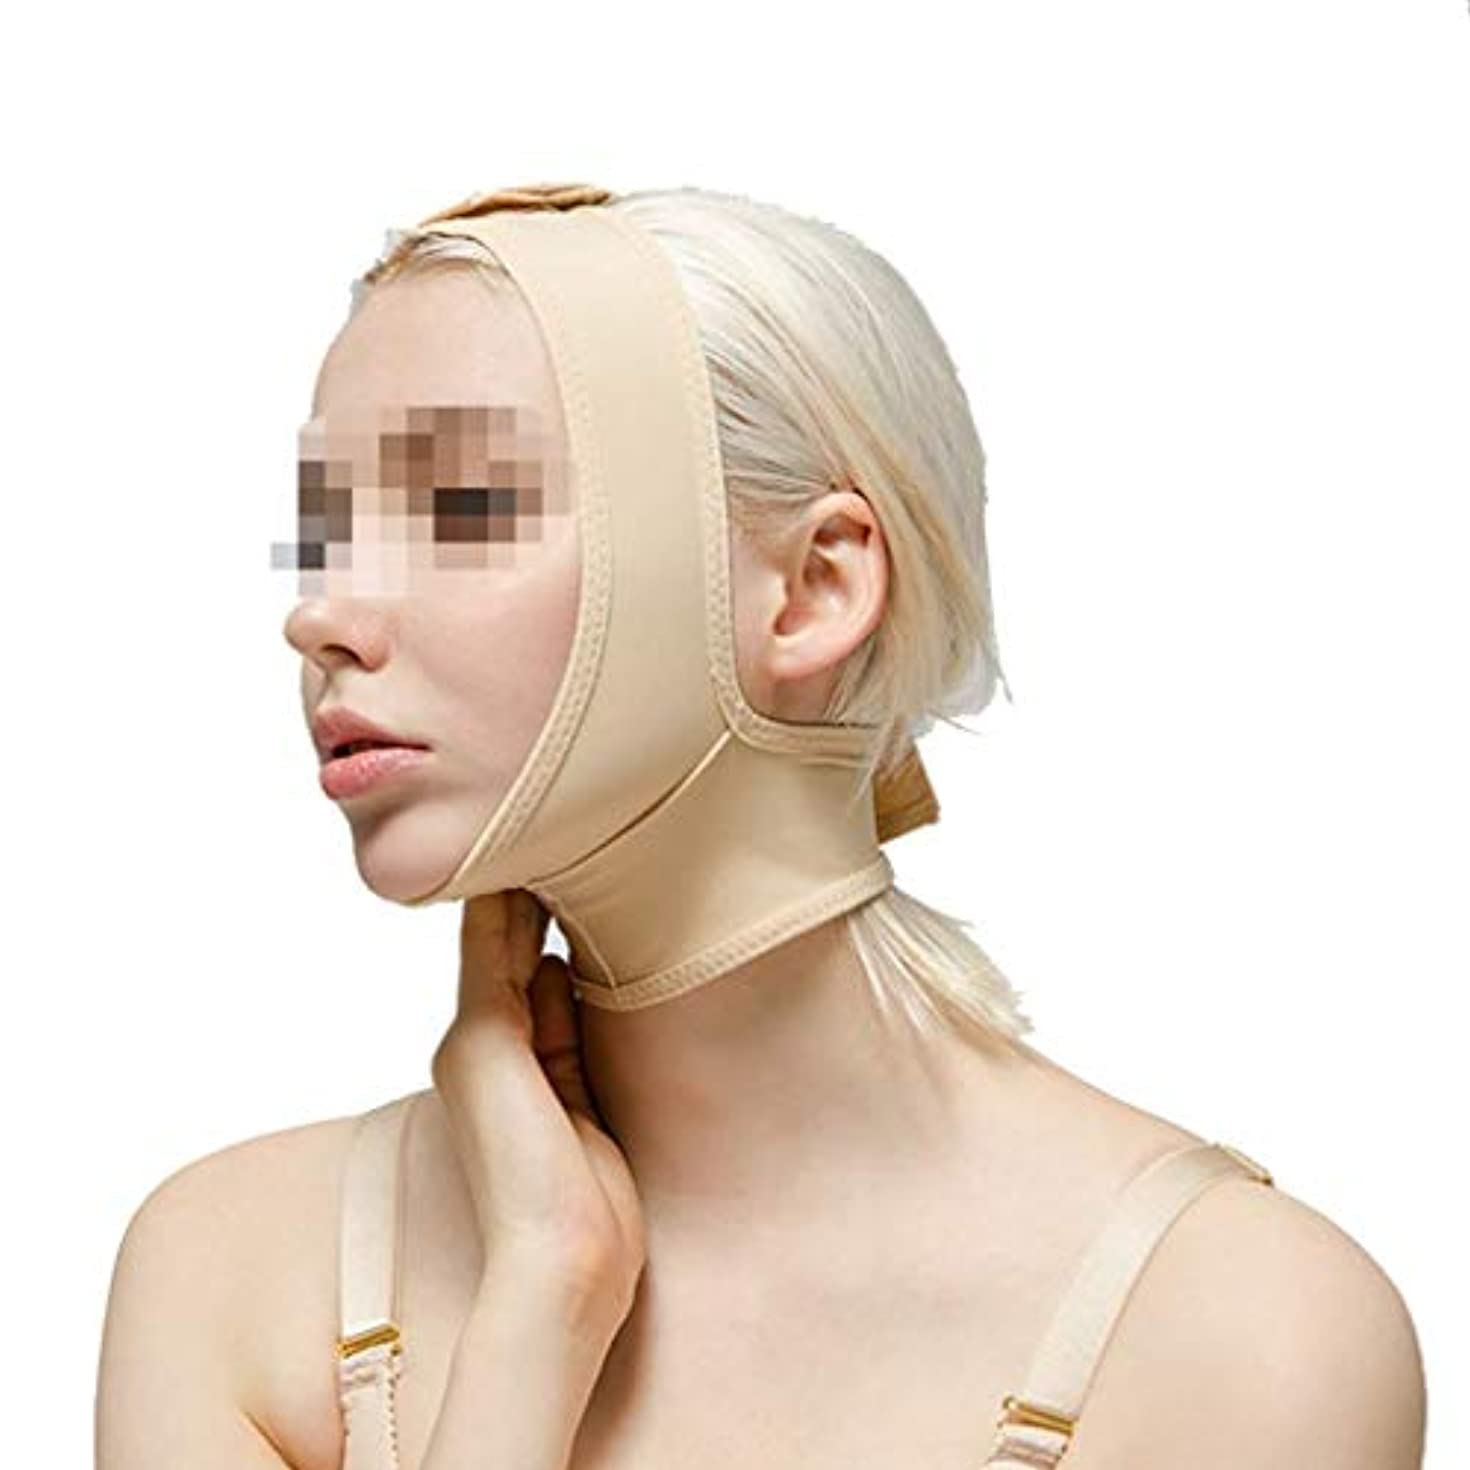 低い階段シニス術後弾性スリーブ、下顎バンドルフェイスバンデージフェイシャルビームダブルチンシンフェイスマスクマルチサイズオプション(サイズ:L)